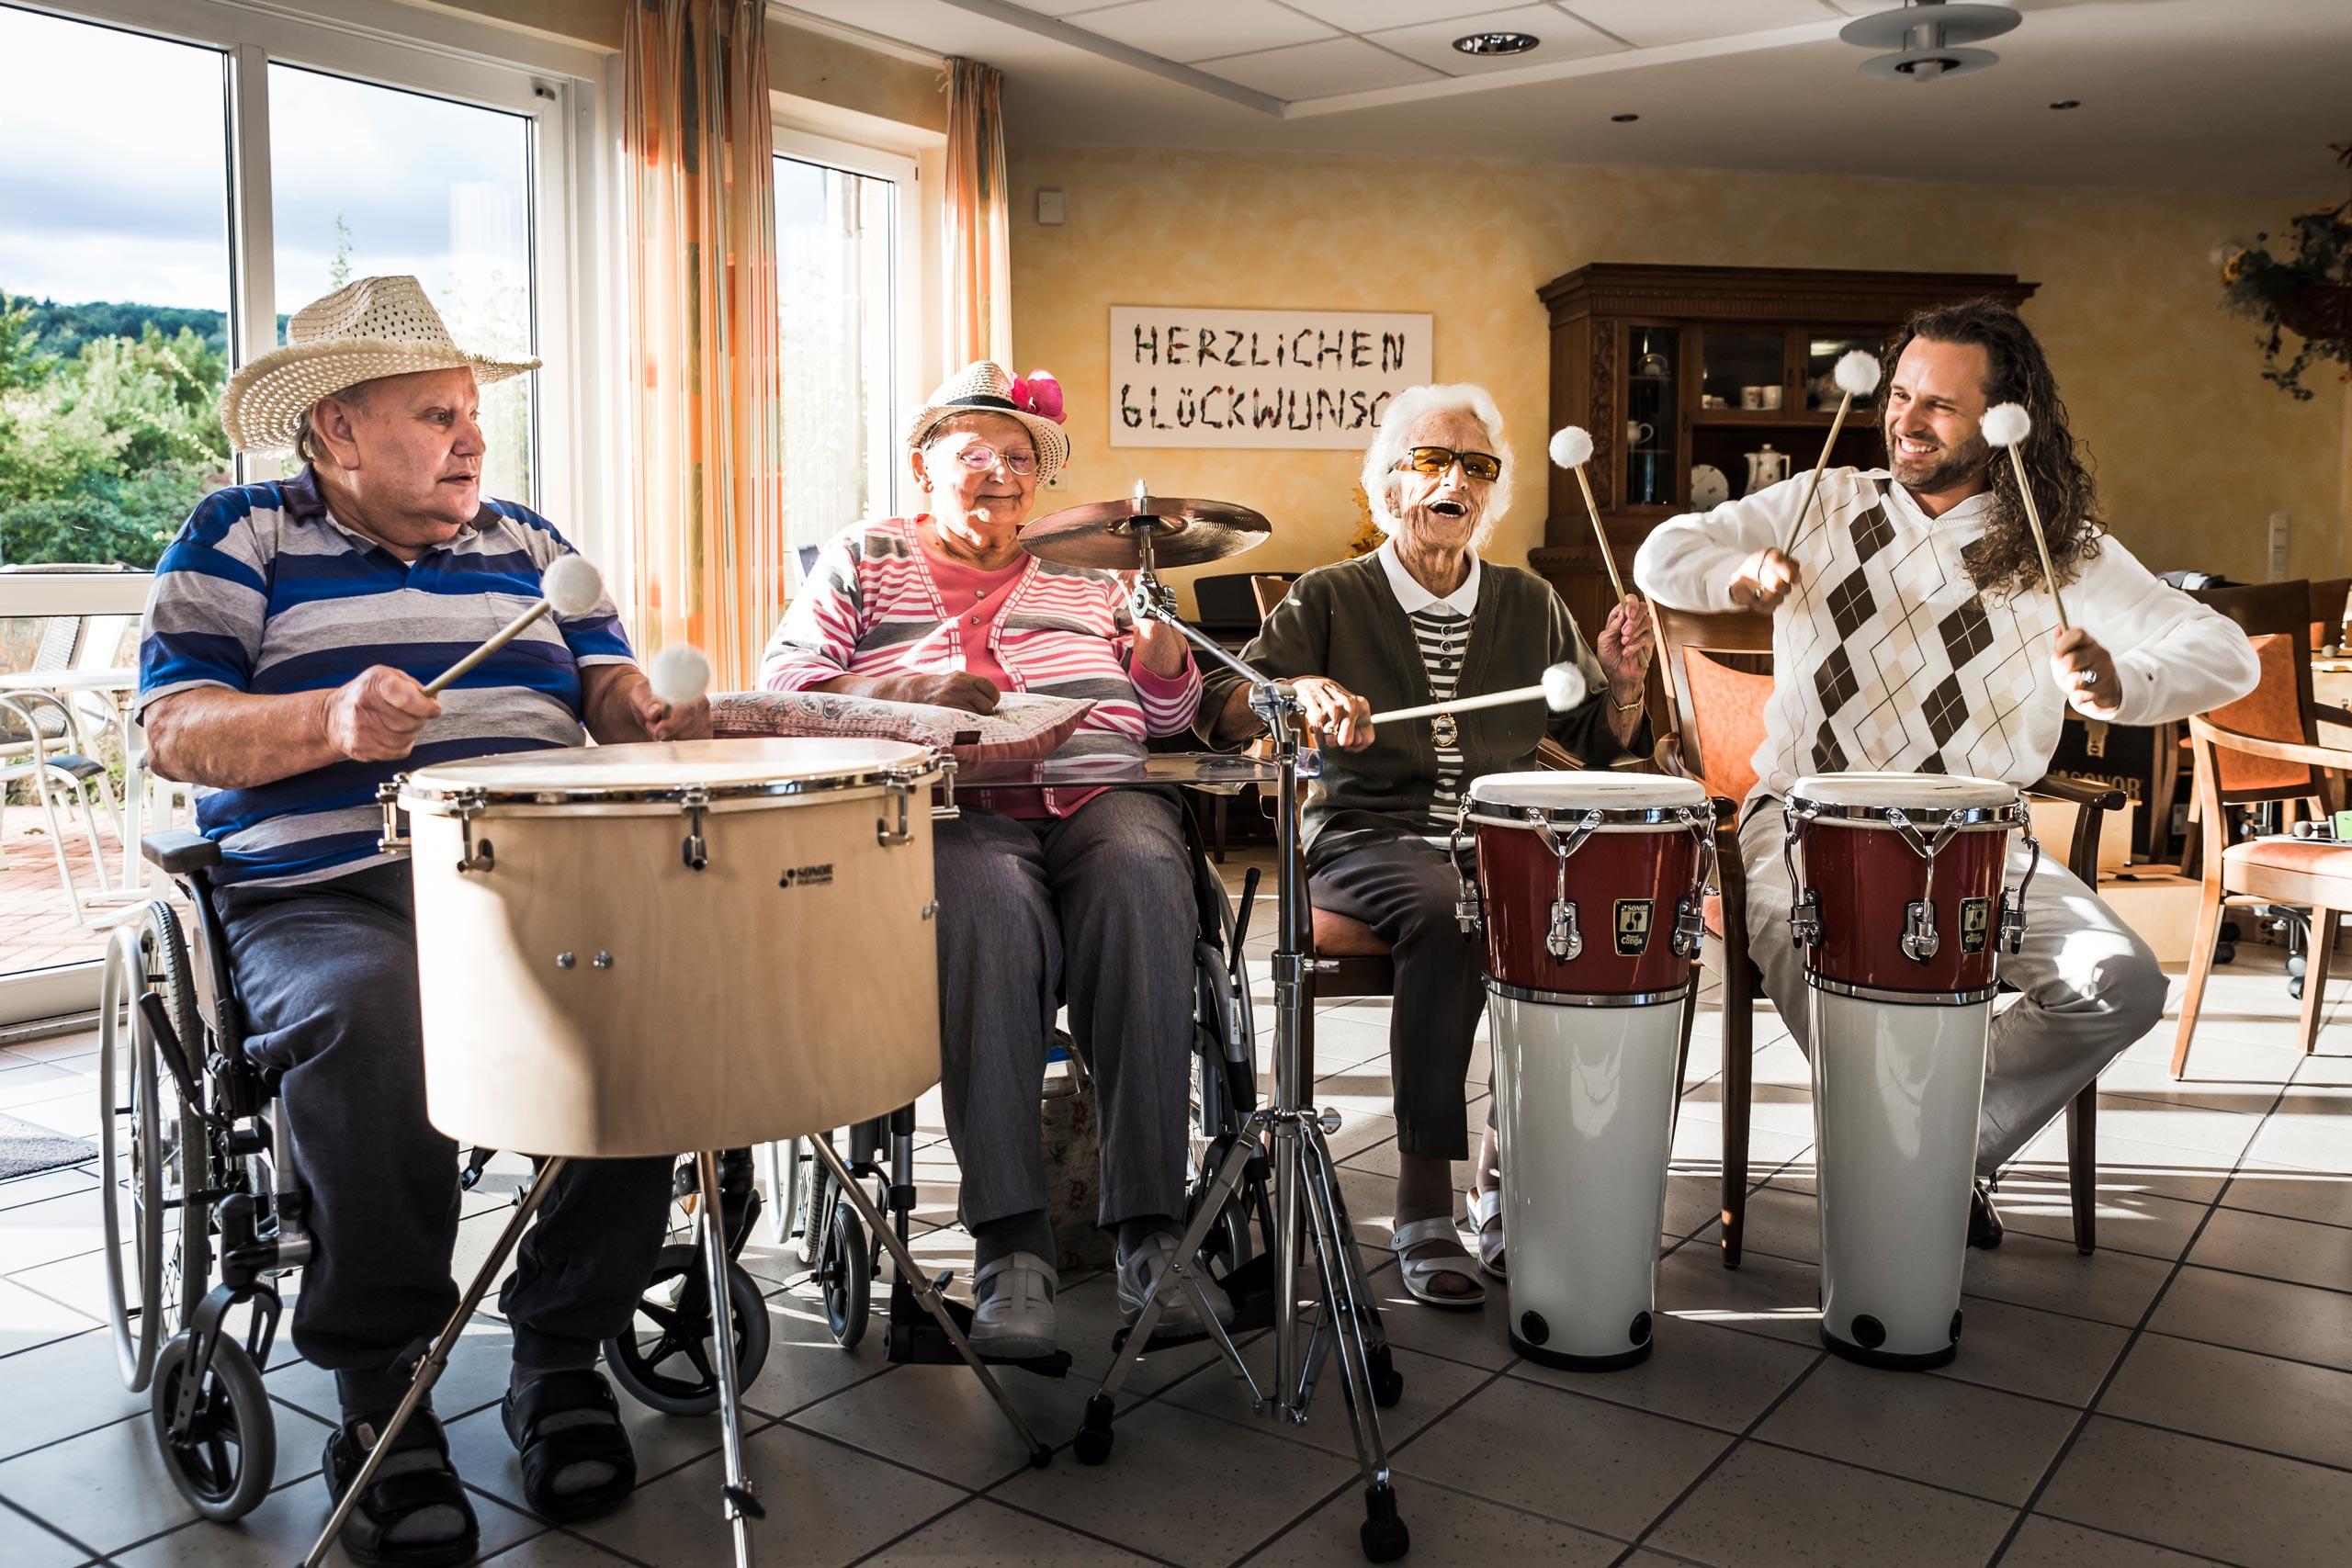 Musiktherapie mit Trommeln